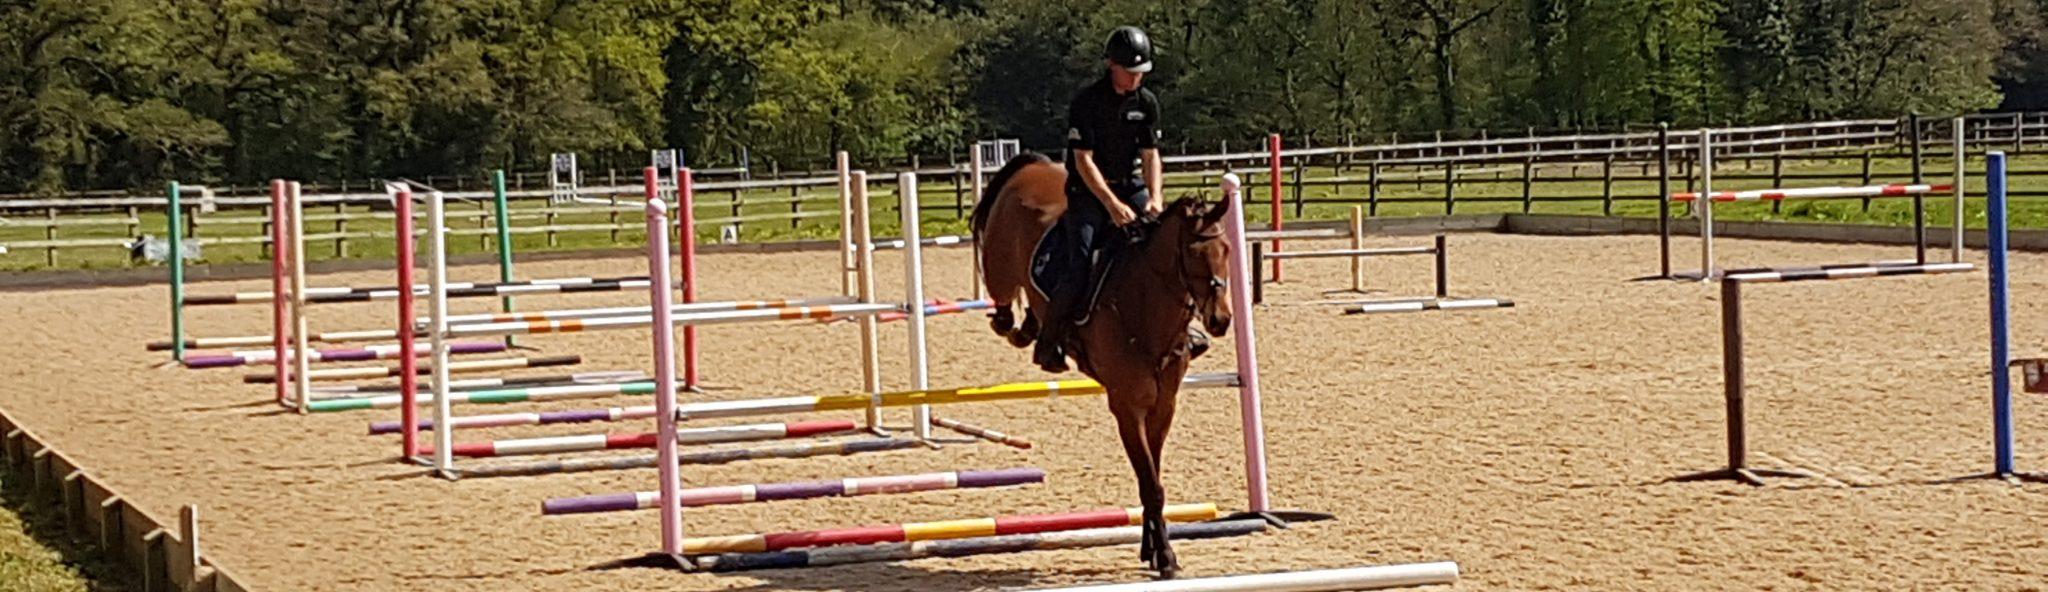 Horse and rider jumping over hurdles